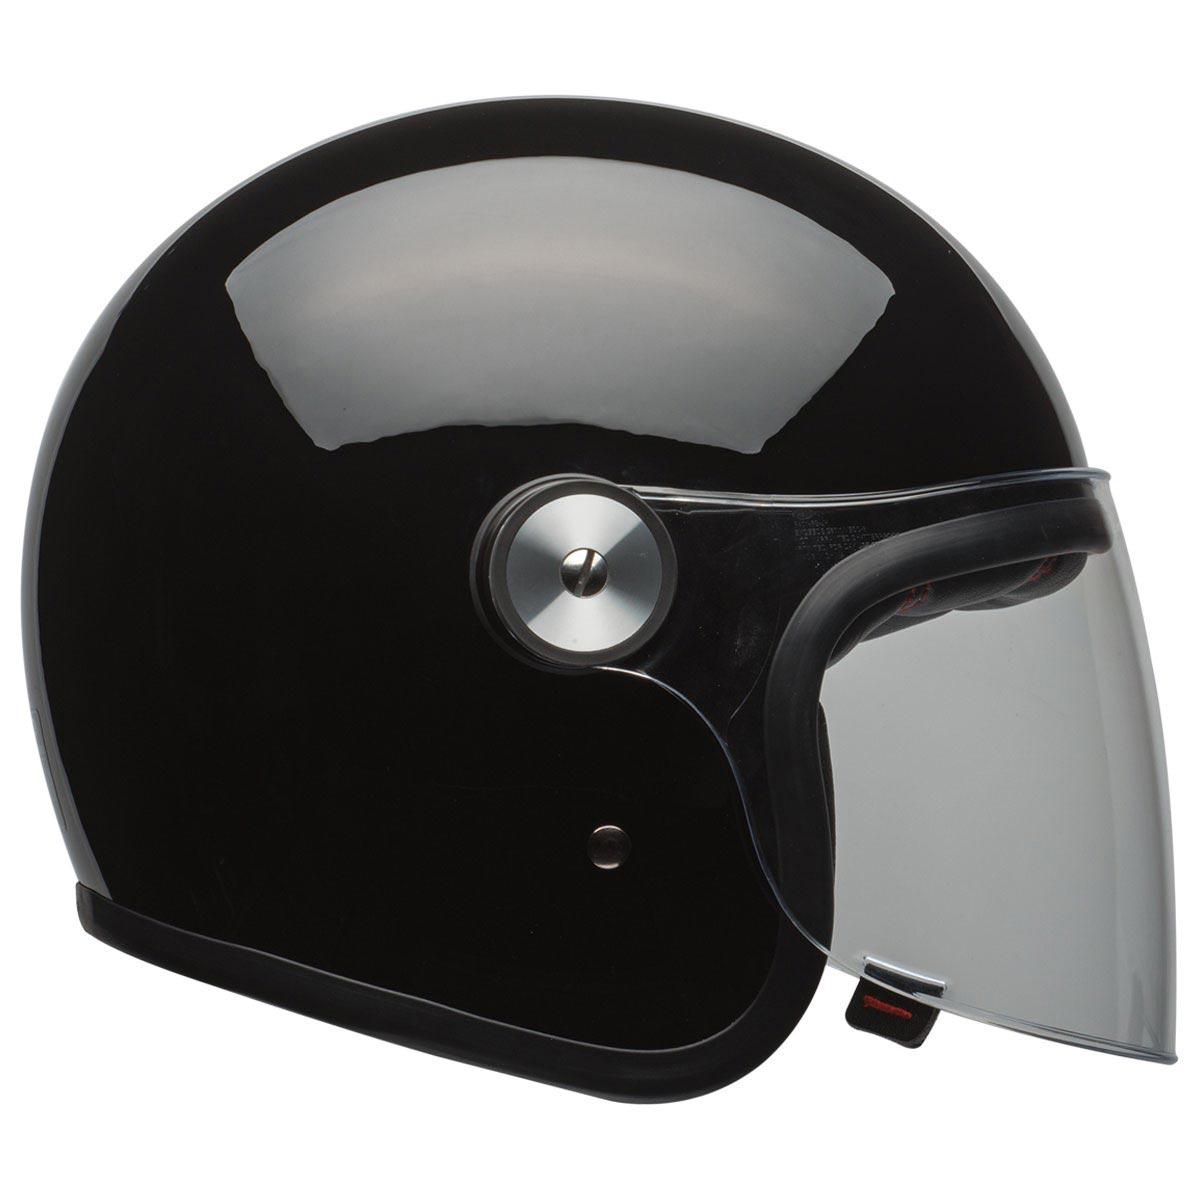 bell riot solid black casque moto vintage jet biker avec. Black Bedroom Furniture Sets. Home Design Ideas